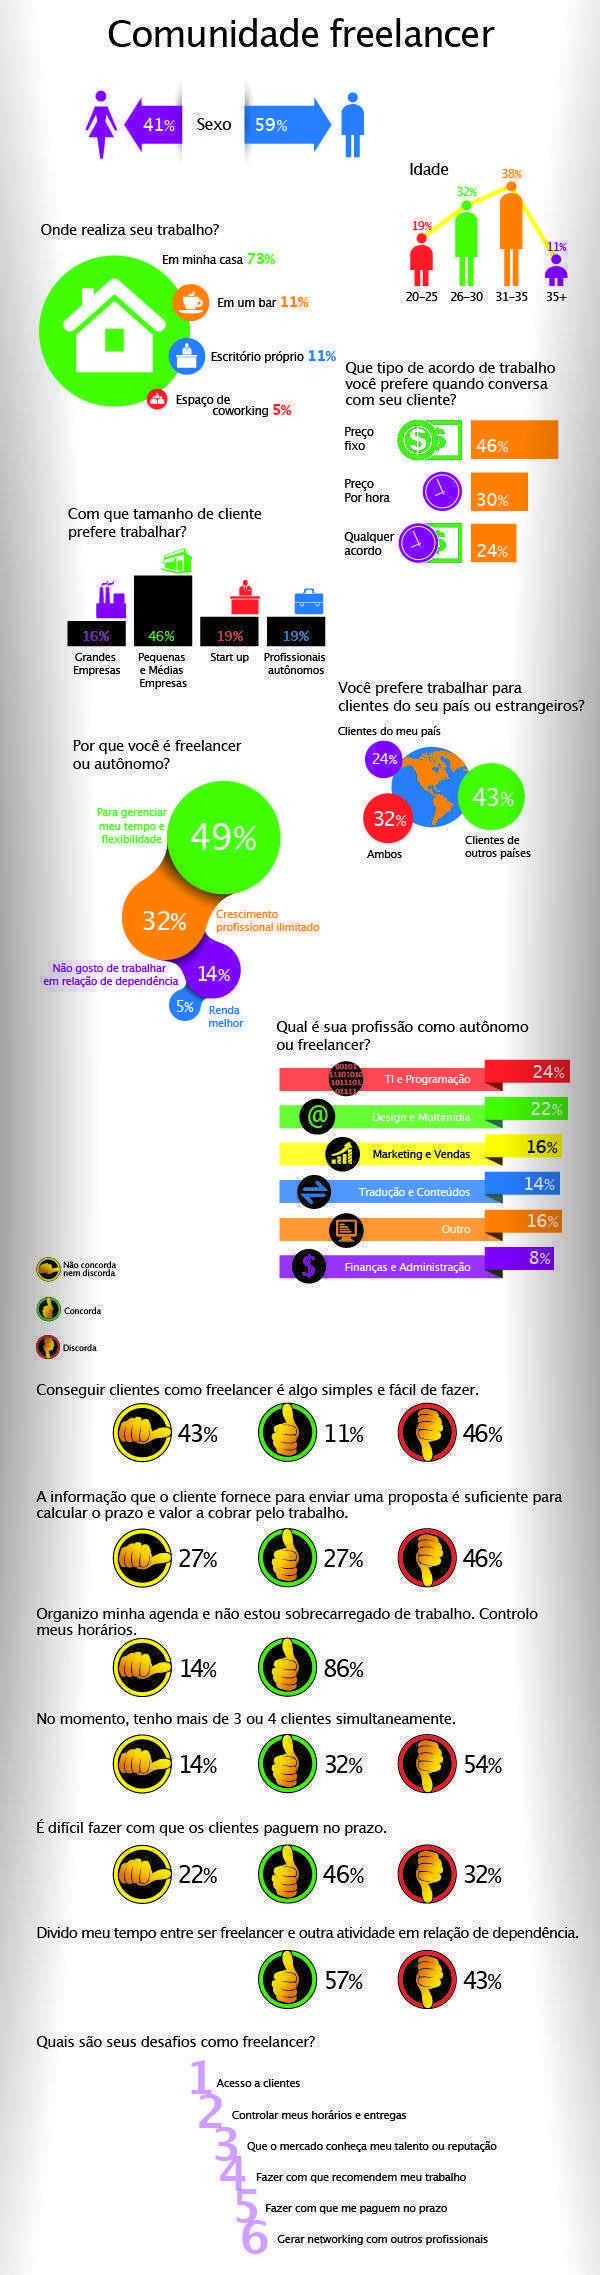 métricas comunidade freelancer